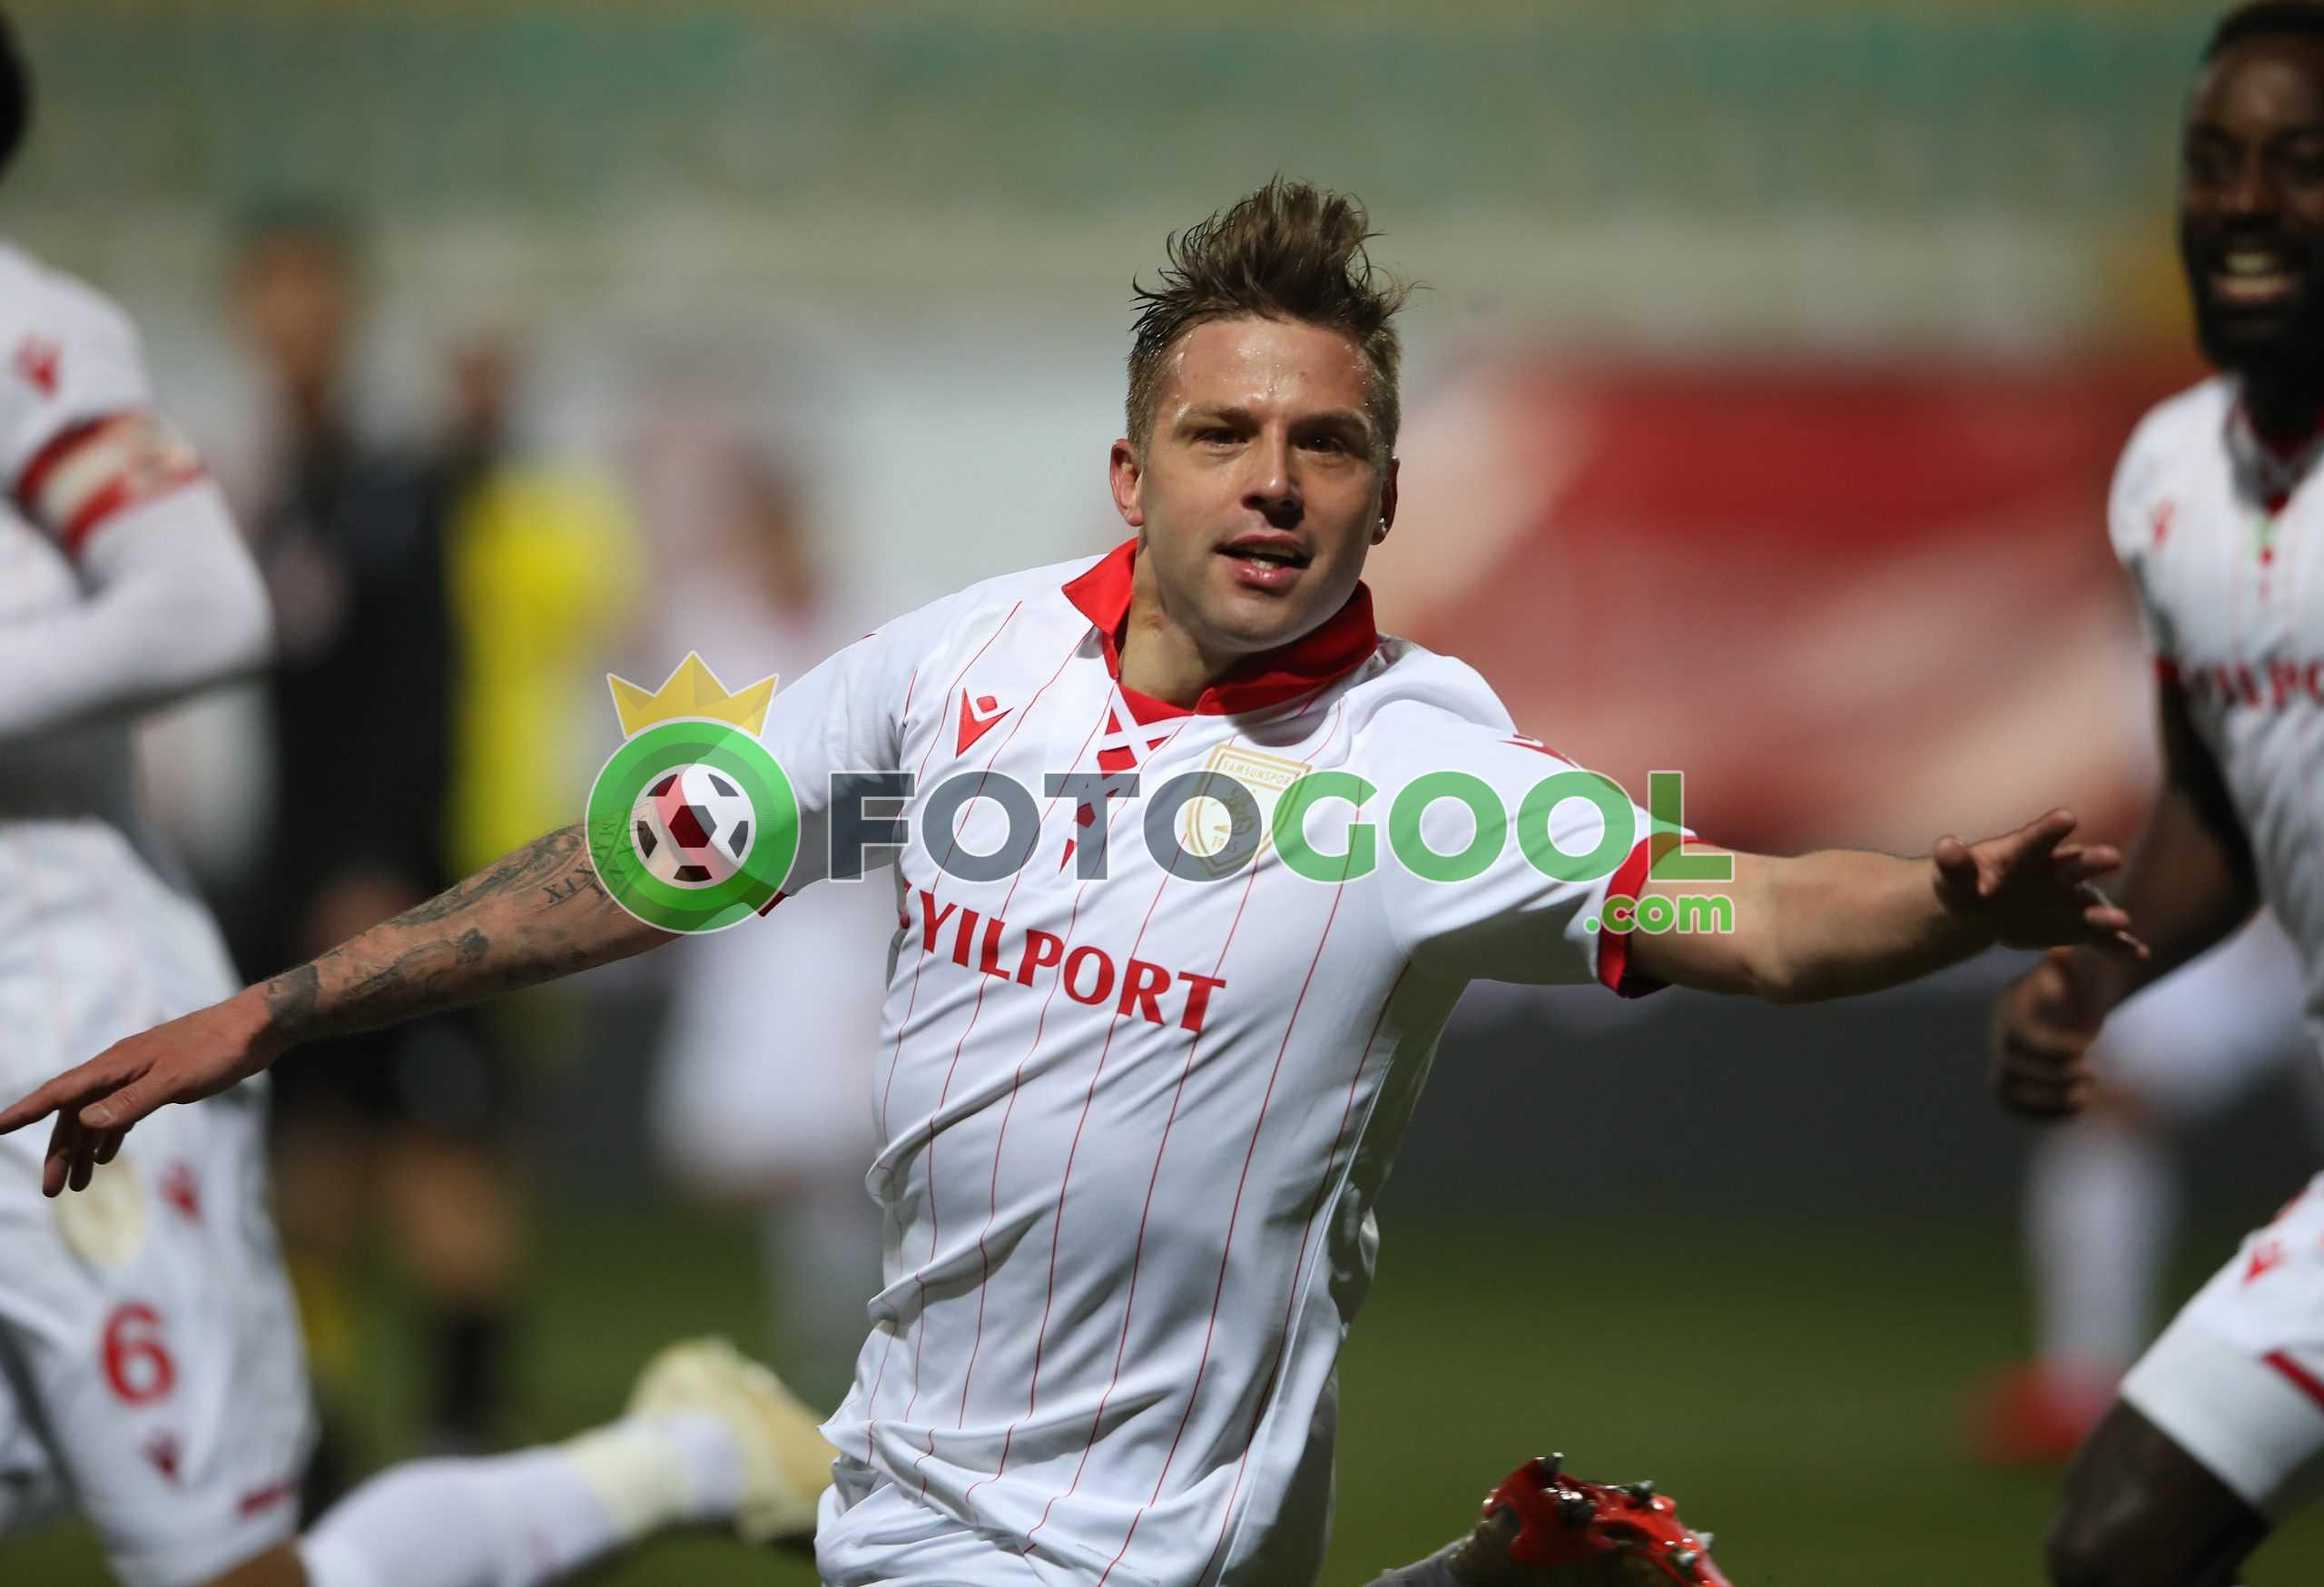 Yılport Samsun 3 puanı 1 golle aldı  1-0